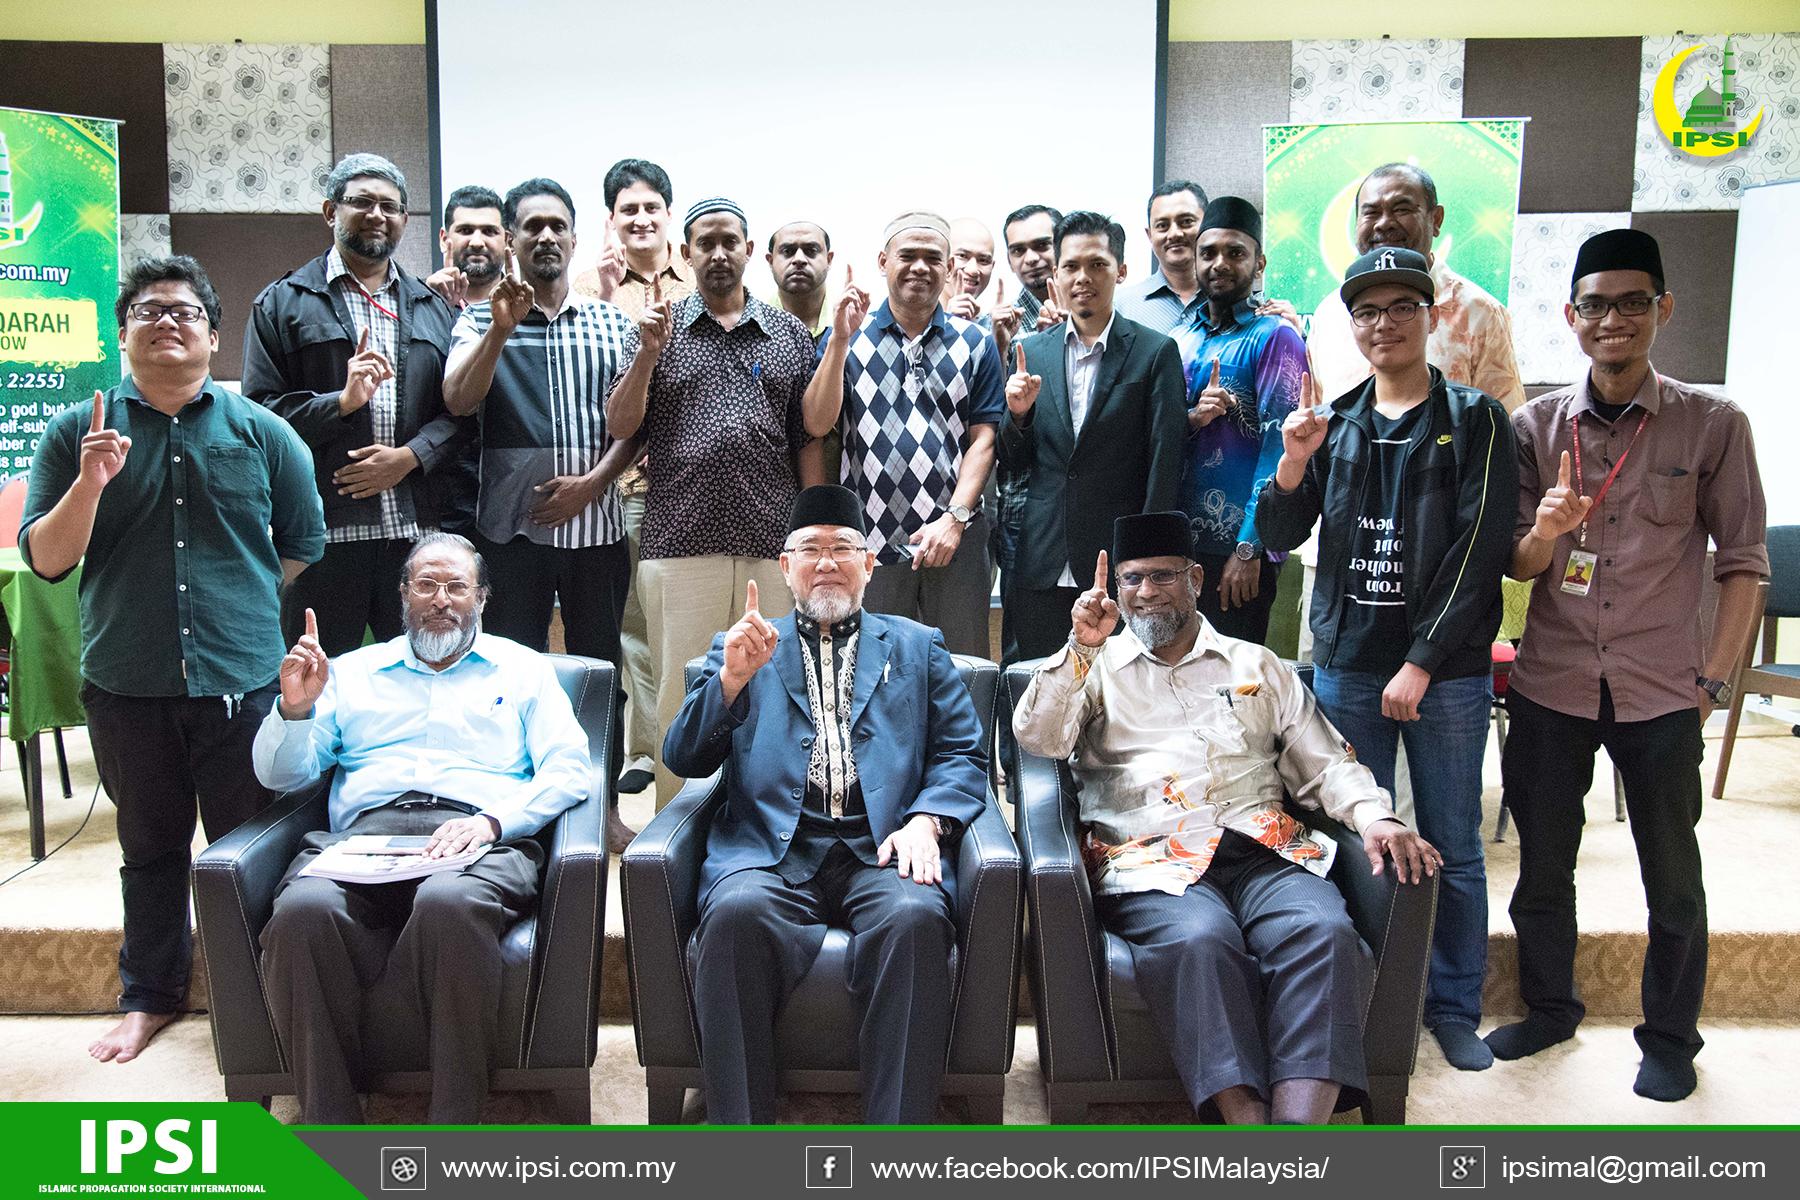 Mesyuarat Agung Pertubuhan Penyebaran Islam Antarabangsa kali ke 13